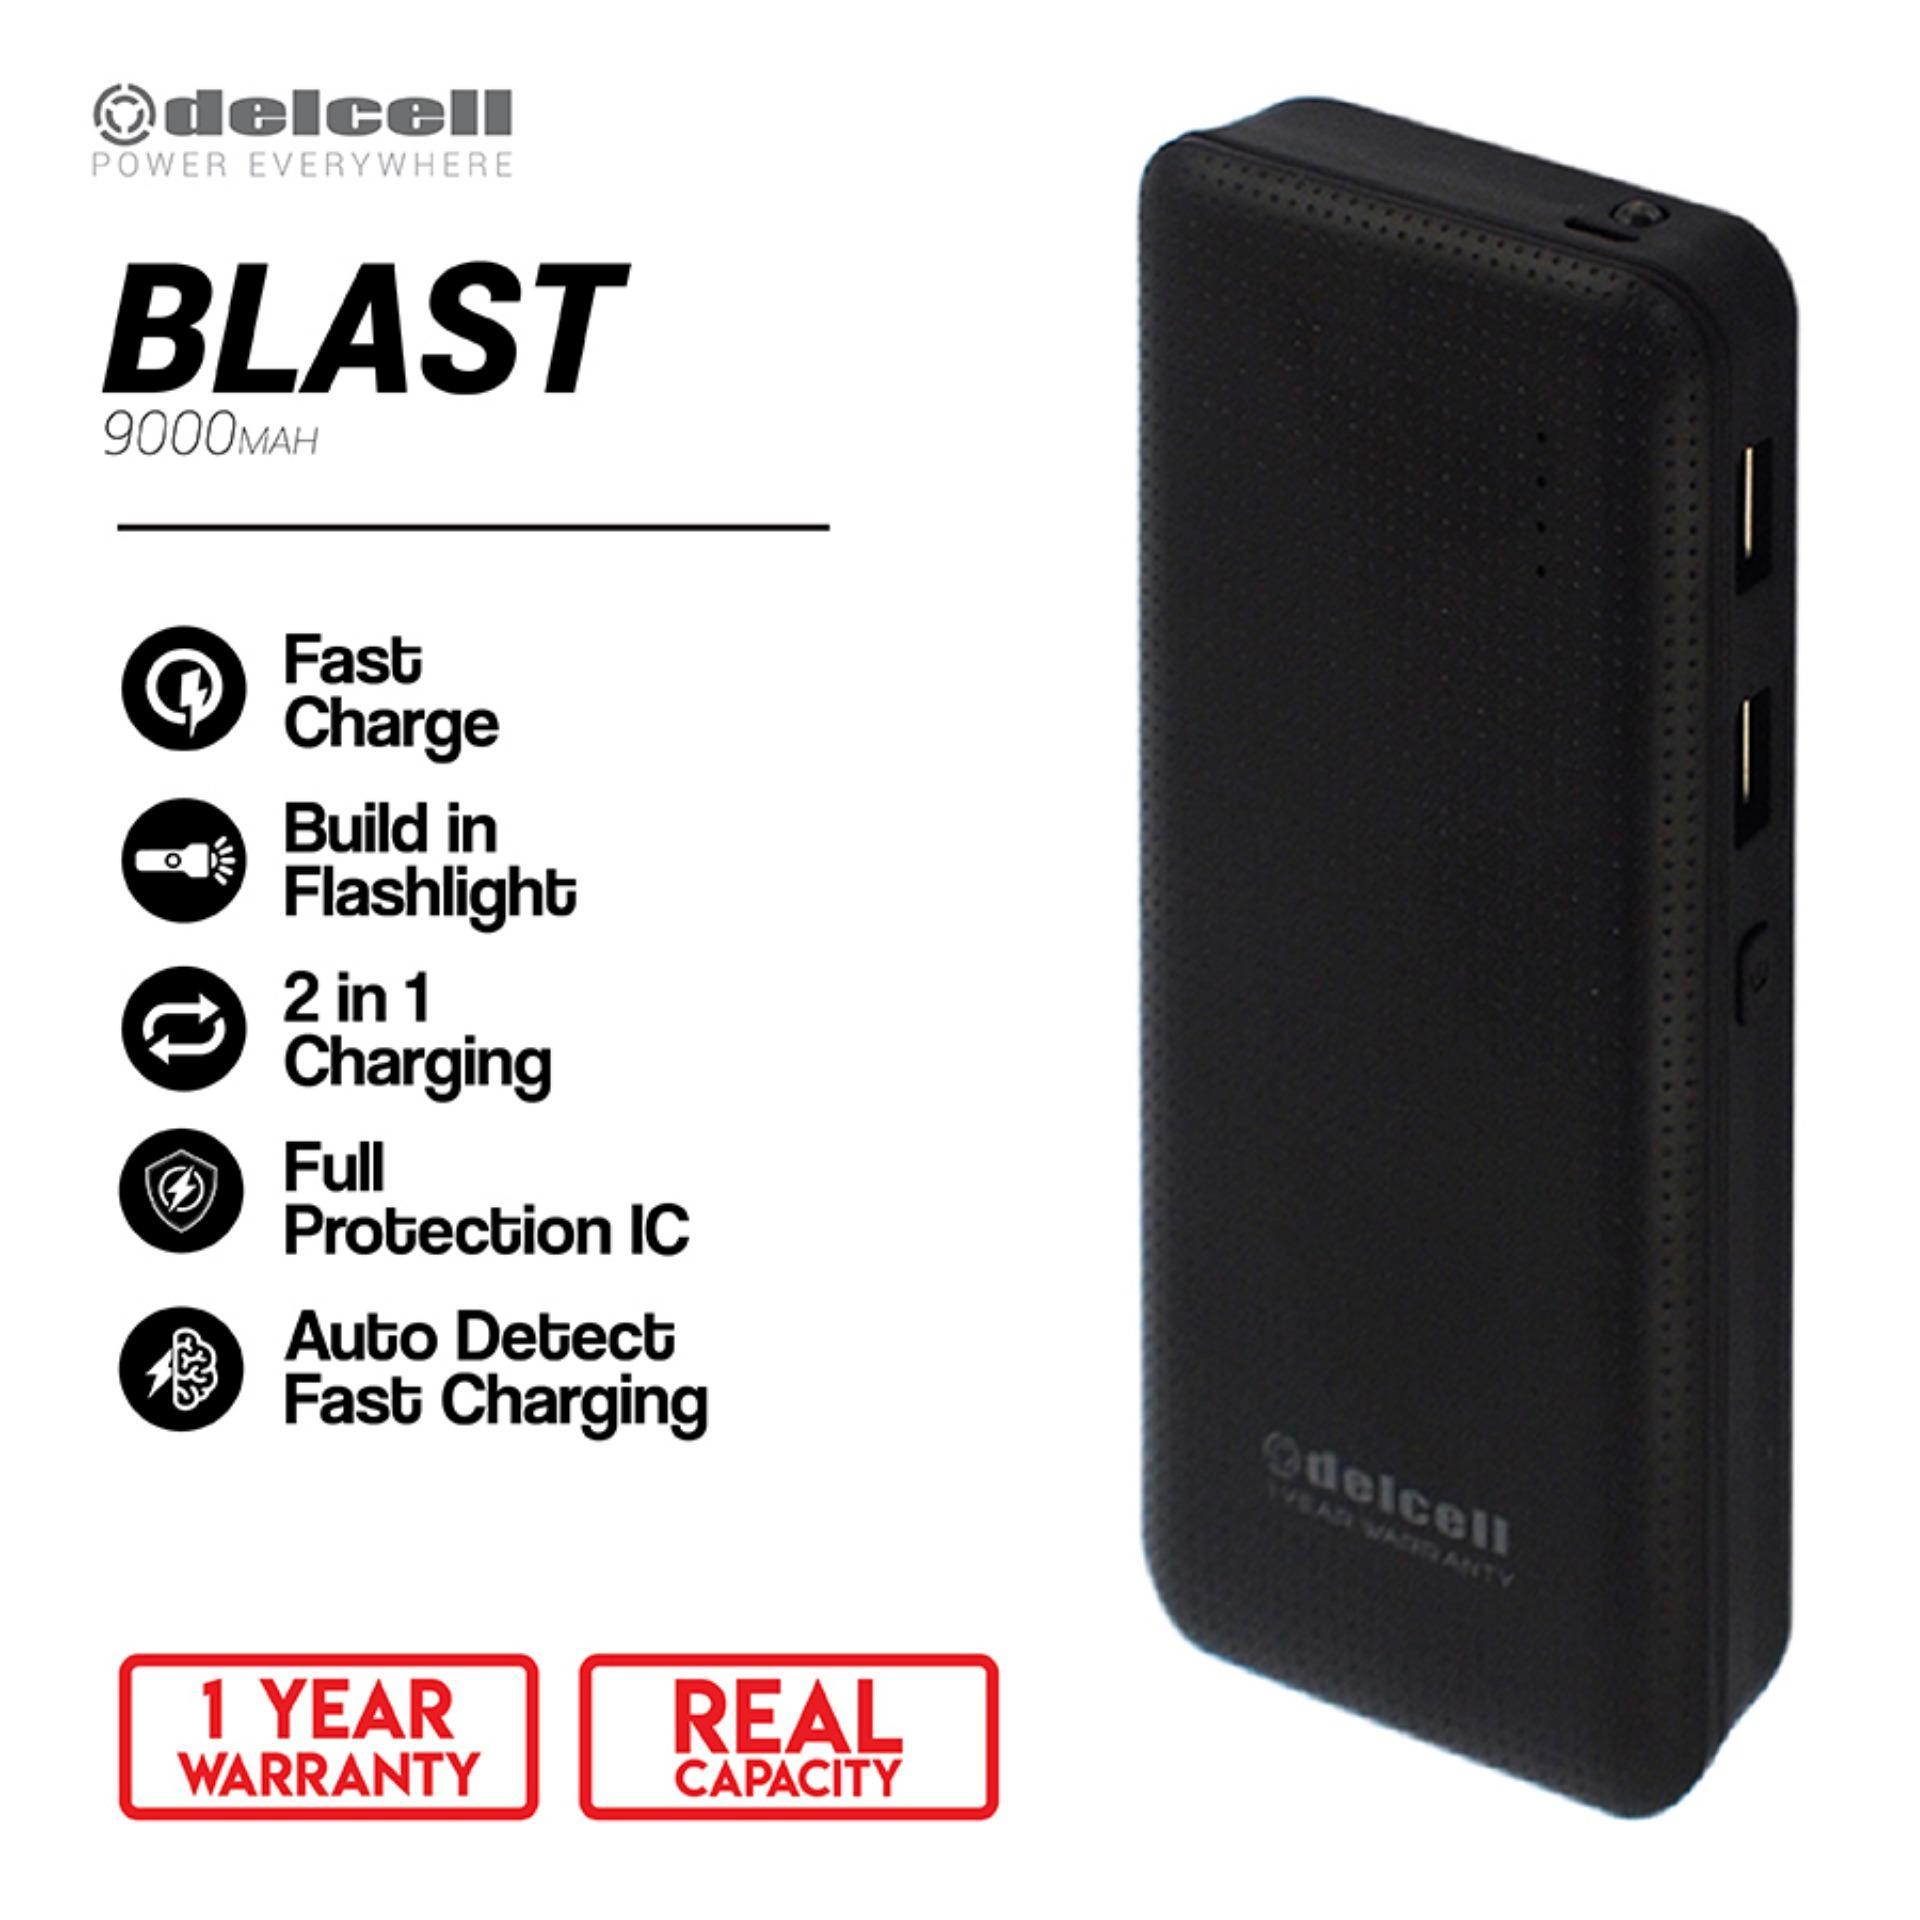 Delcell 9000mAh Powerbank BLAST Real Capacity Fast Charging Dual Output Garansi Resmi 1 Tahun Power Bank Murah Berkualitas - Black